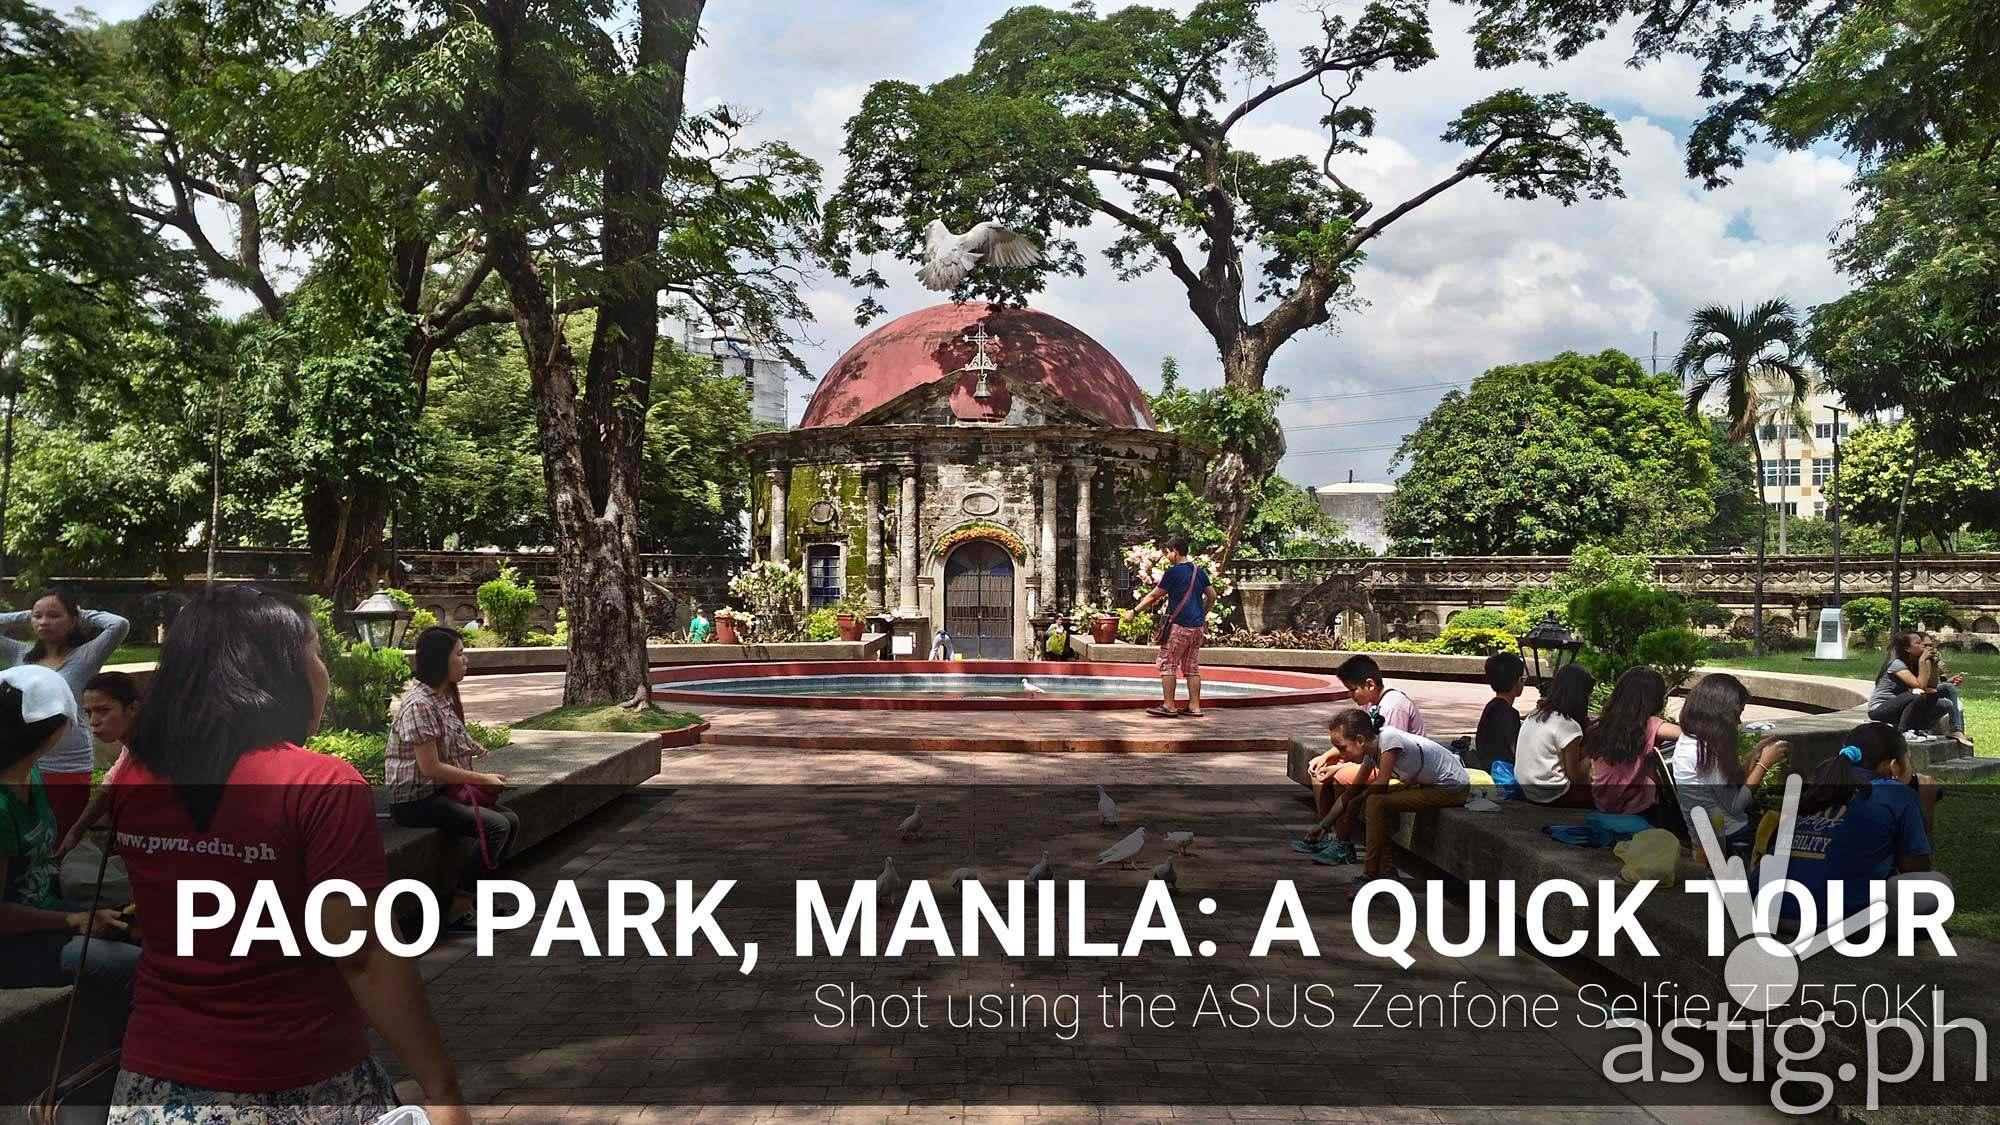 paco park manila tour video ASUS Zenfone Selfie